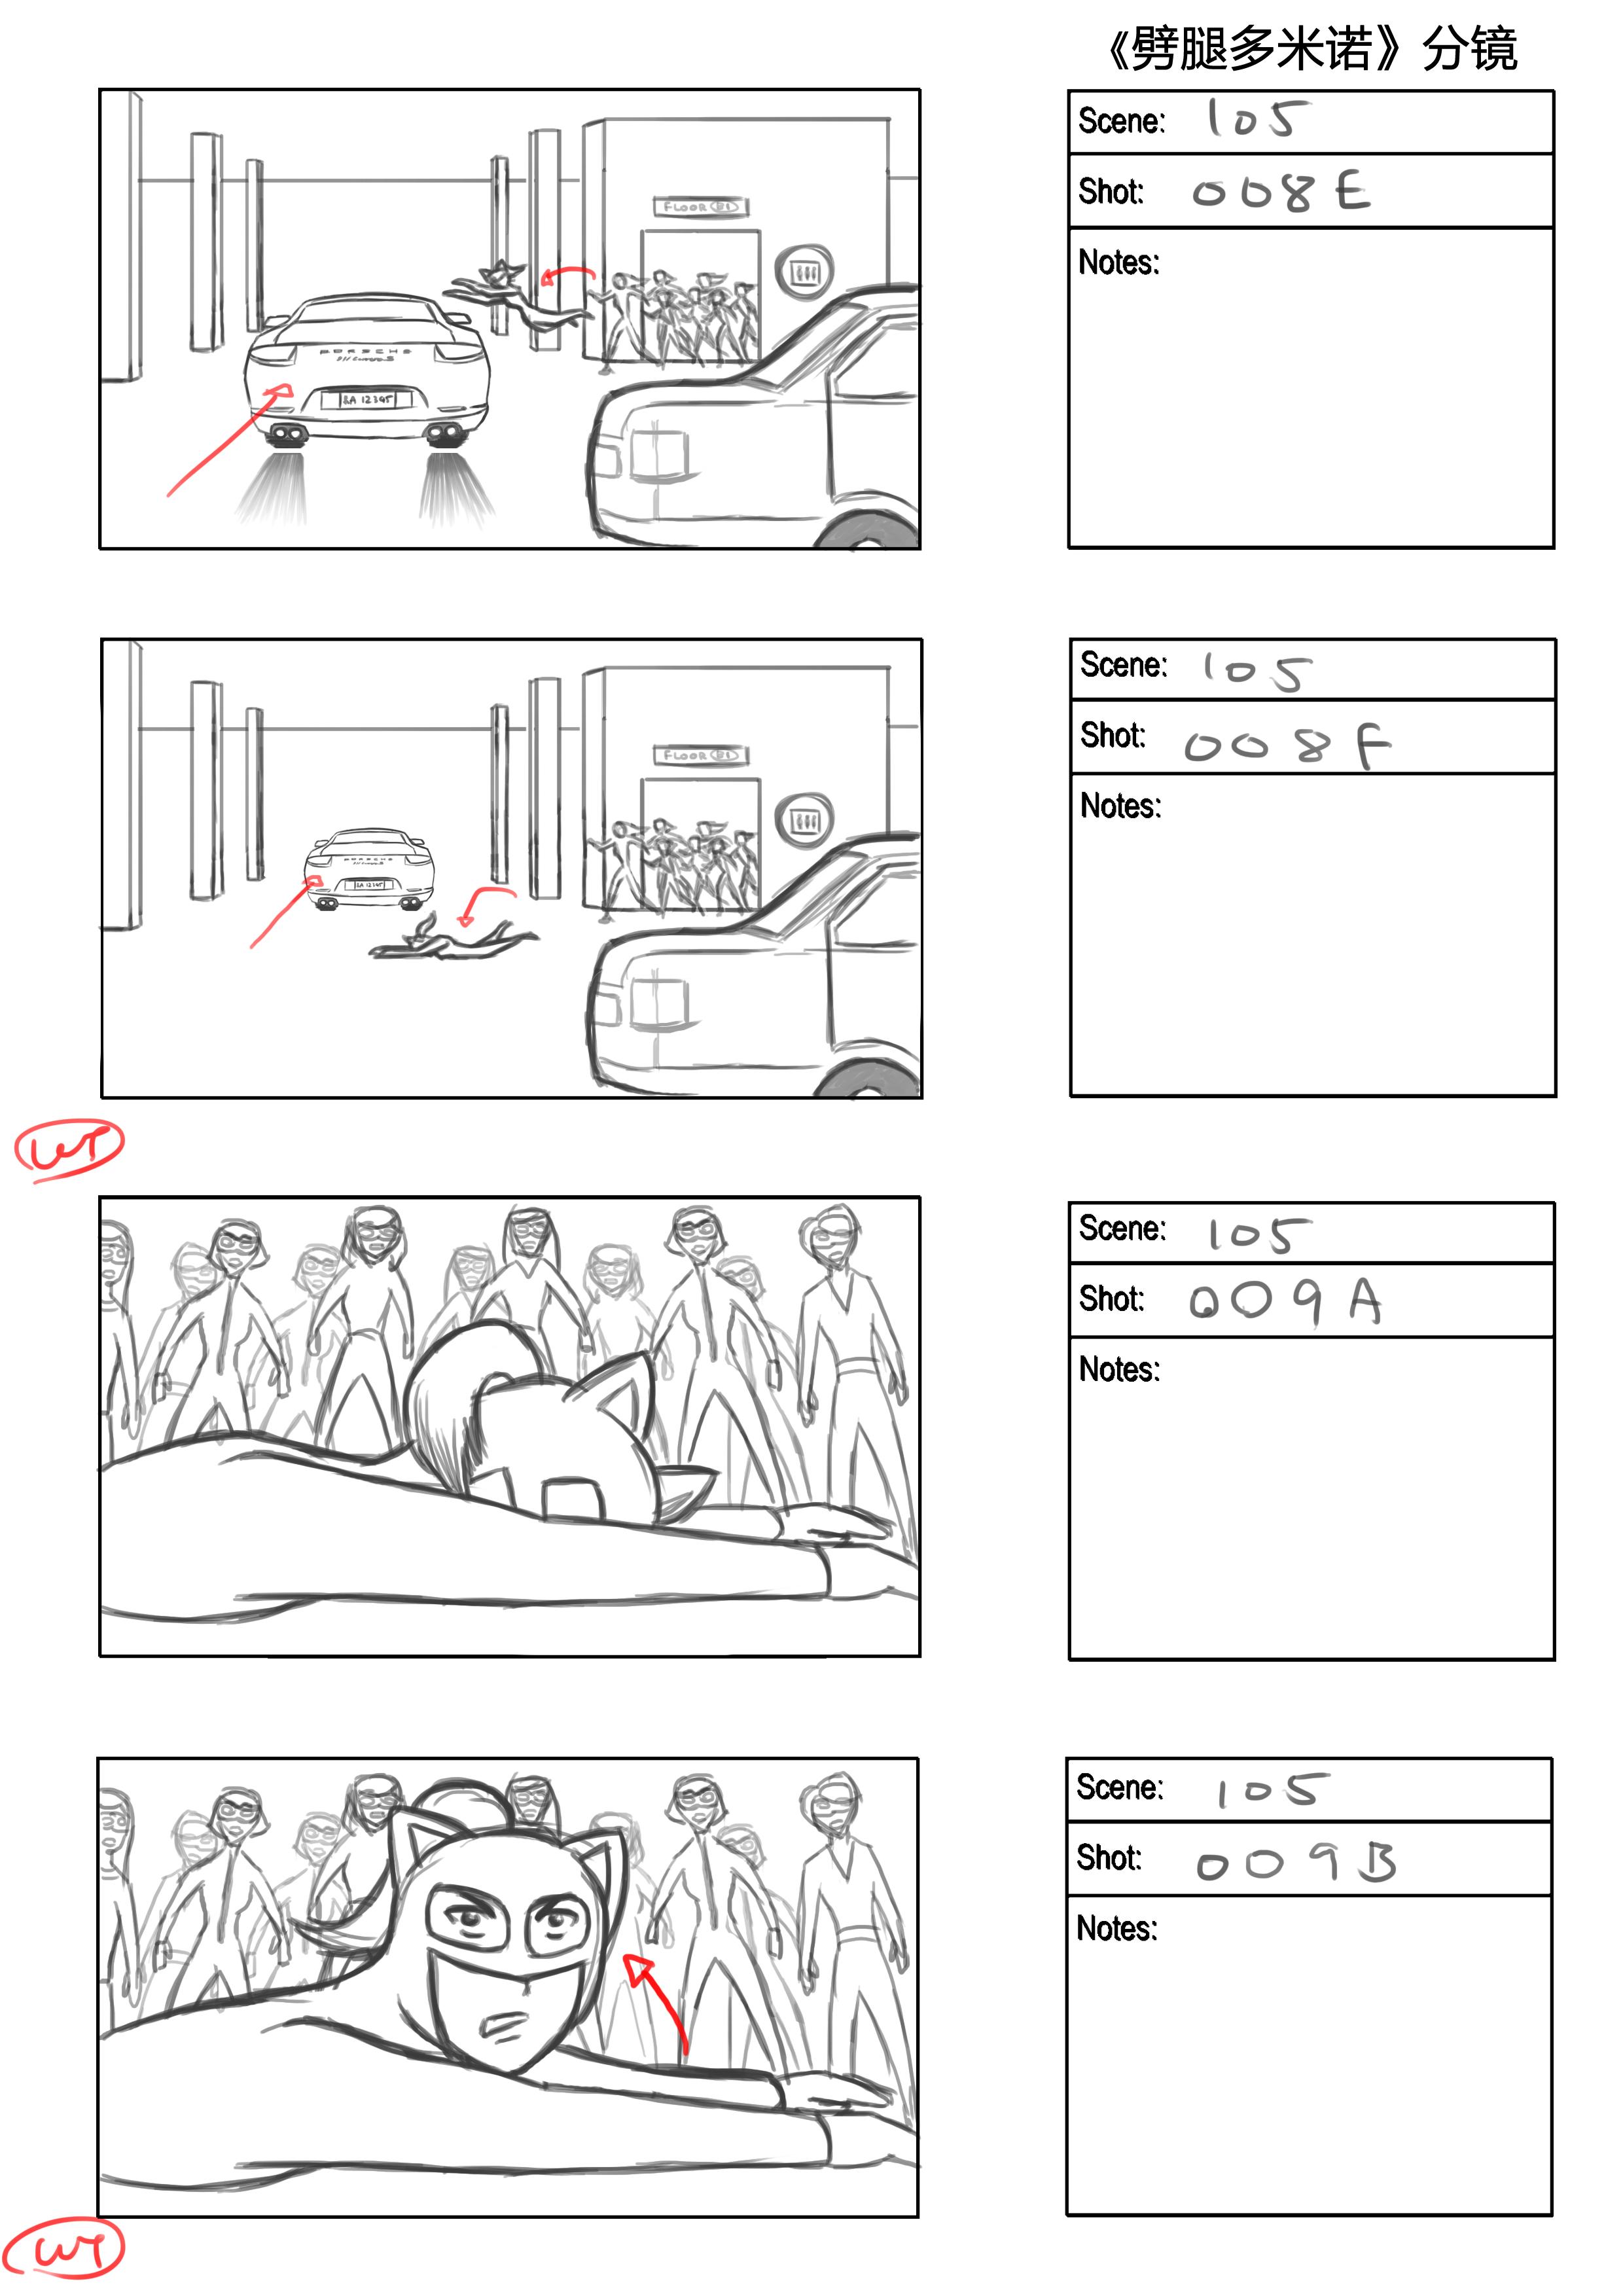 Scene 105 5